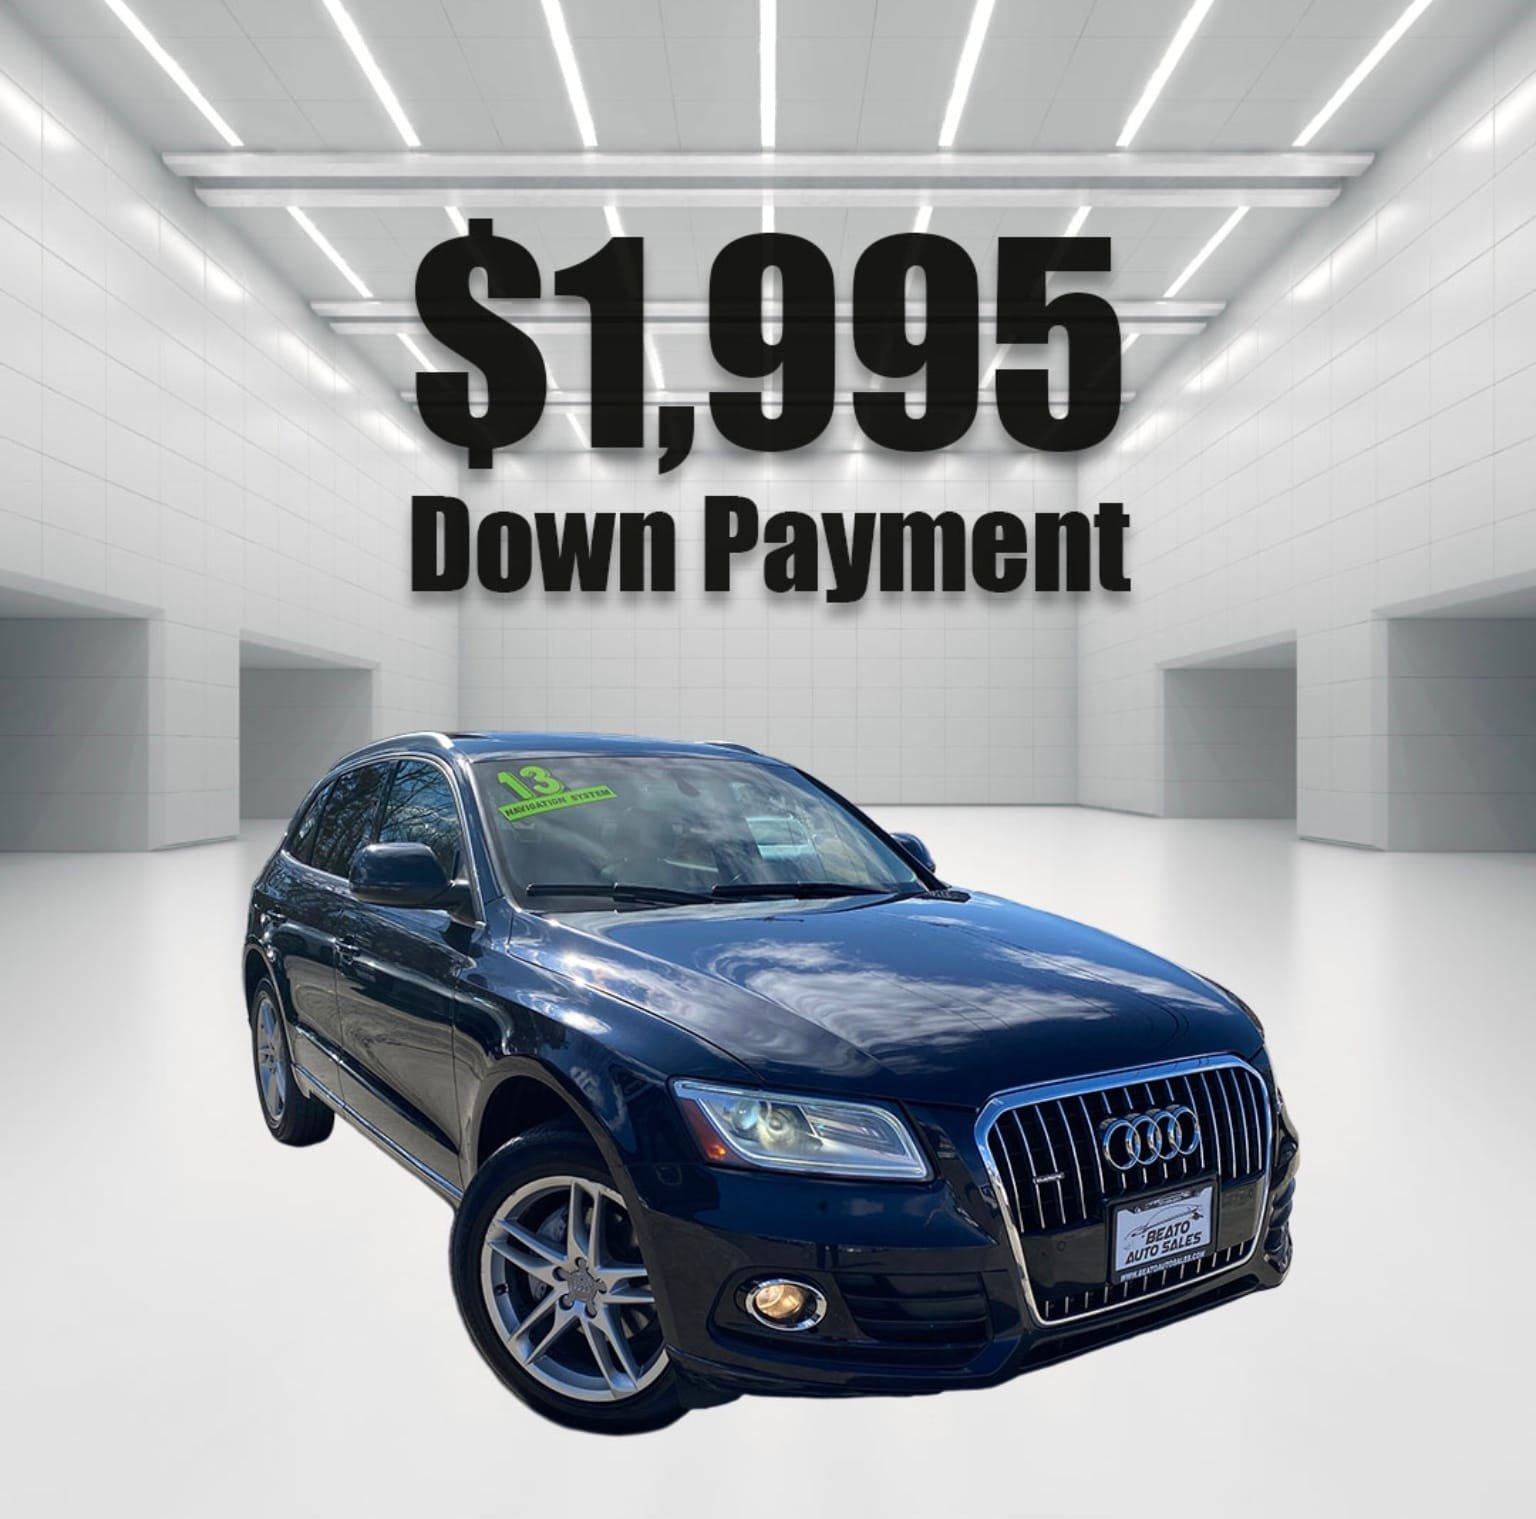 2012 Audi Q5 3.2 Premium Plus (Tiptronic) Find It Used